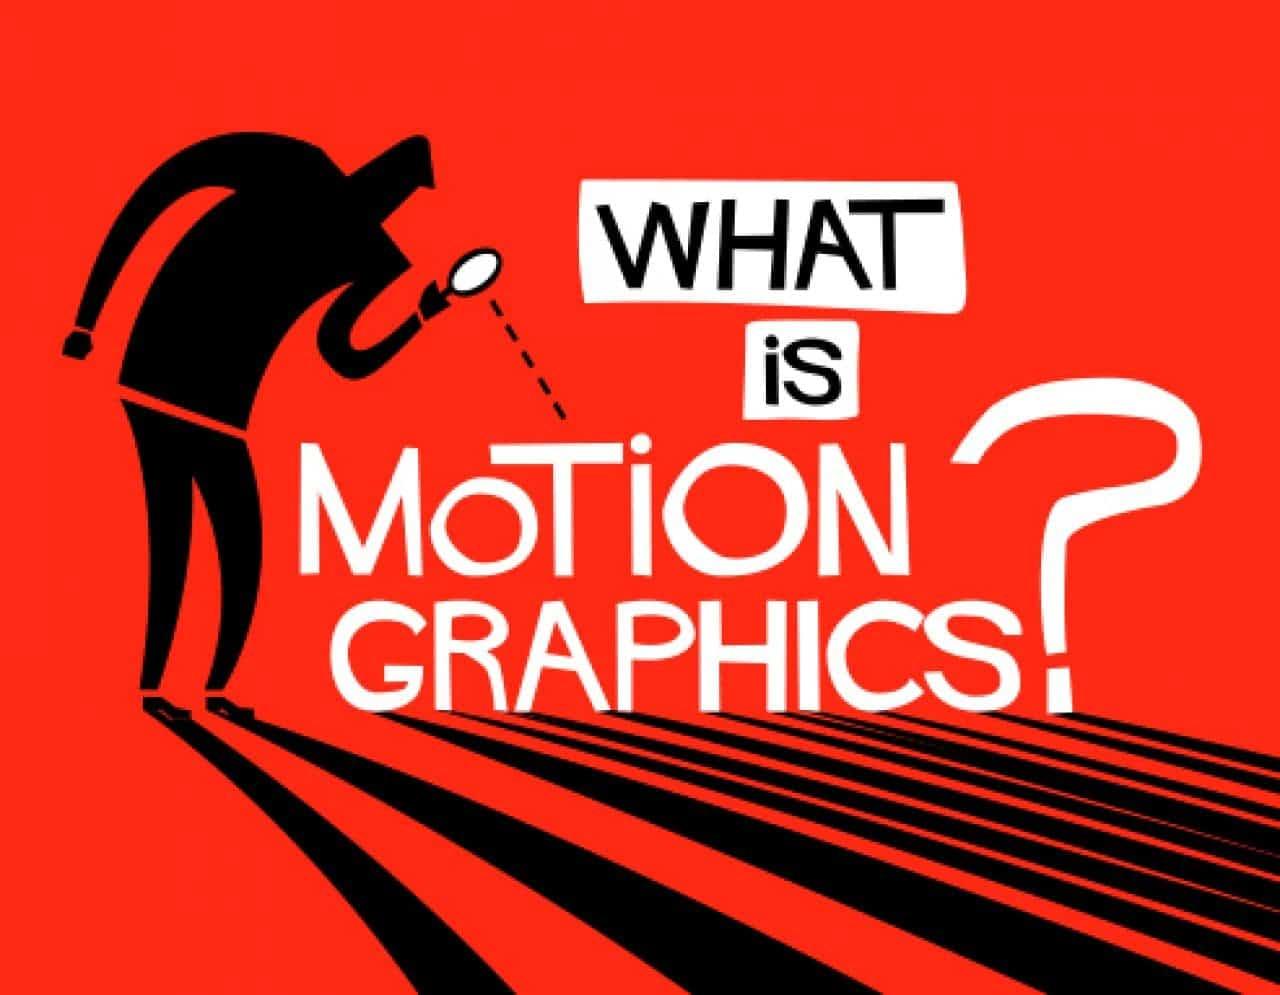 ما هو الموشن جرافيك ؟ وما هي كيفية التسويق بالموشن جرافيك ؟